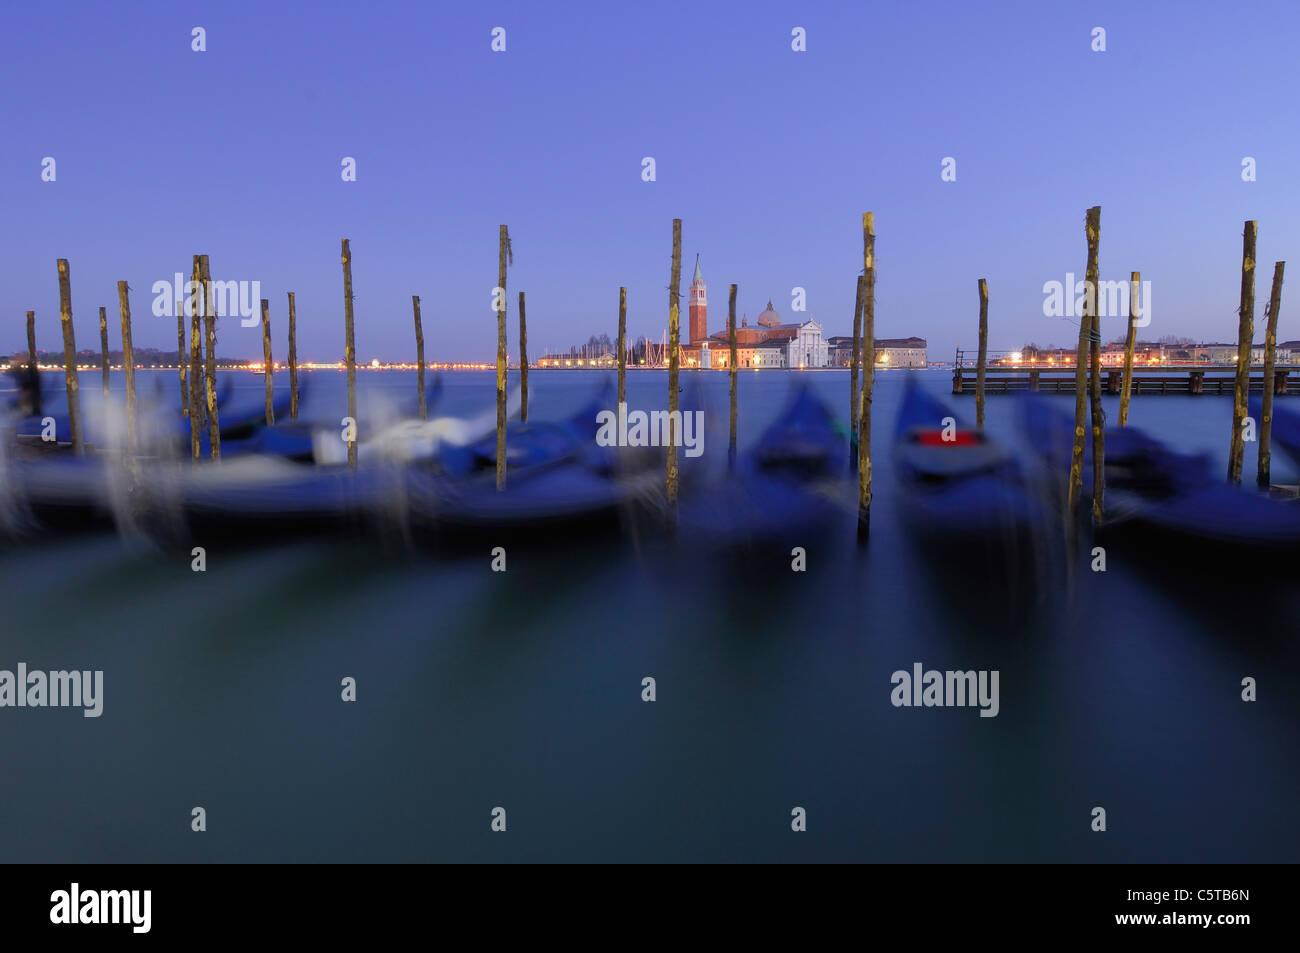 Italy, Venice, San Giorgio Maggiore, Gondolas - Stock Image